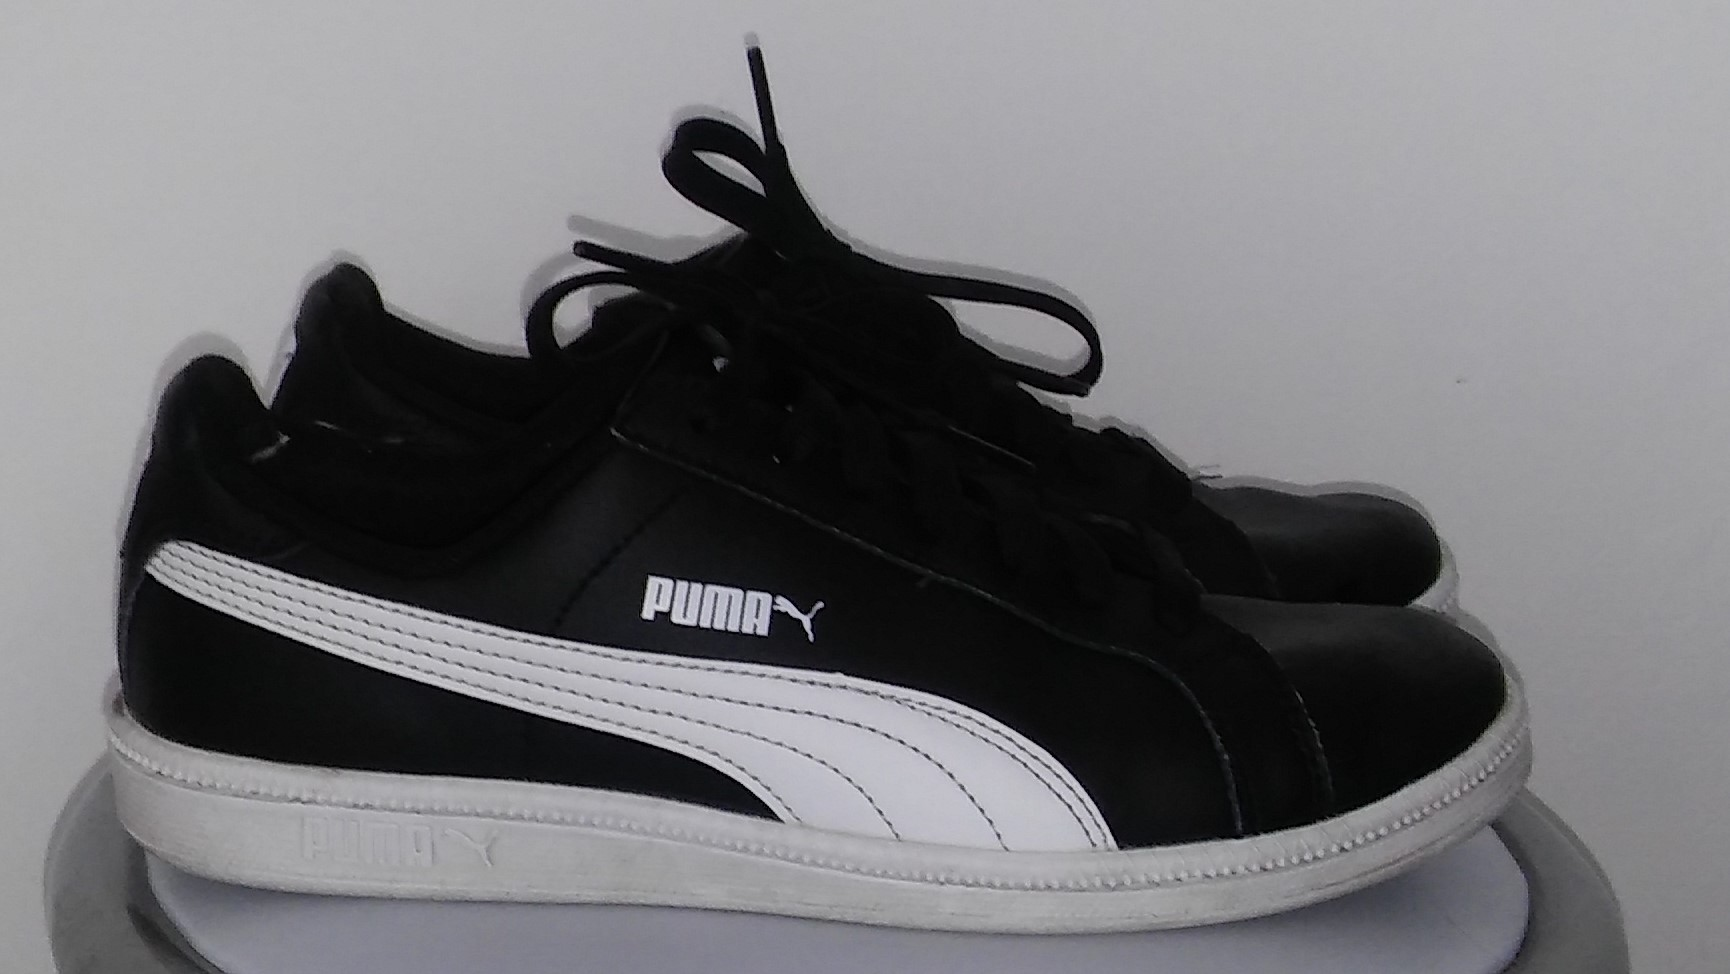 c1d30316 Buty sportowe Puma 38 damskie - 7467263774 - oficjalne archiwum allegro